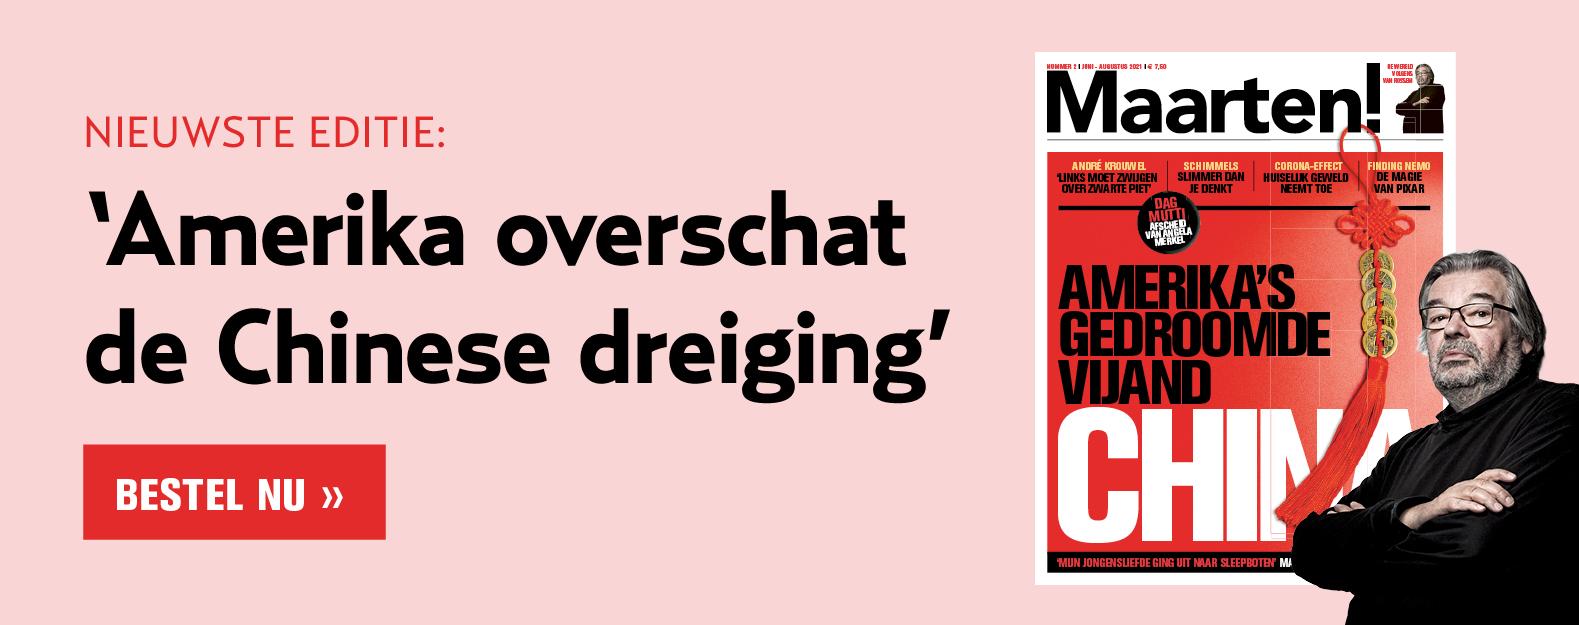 Maarten van Rossem editie 2